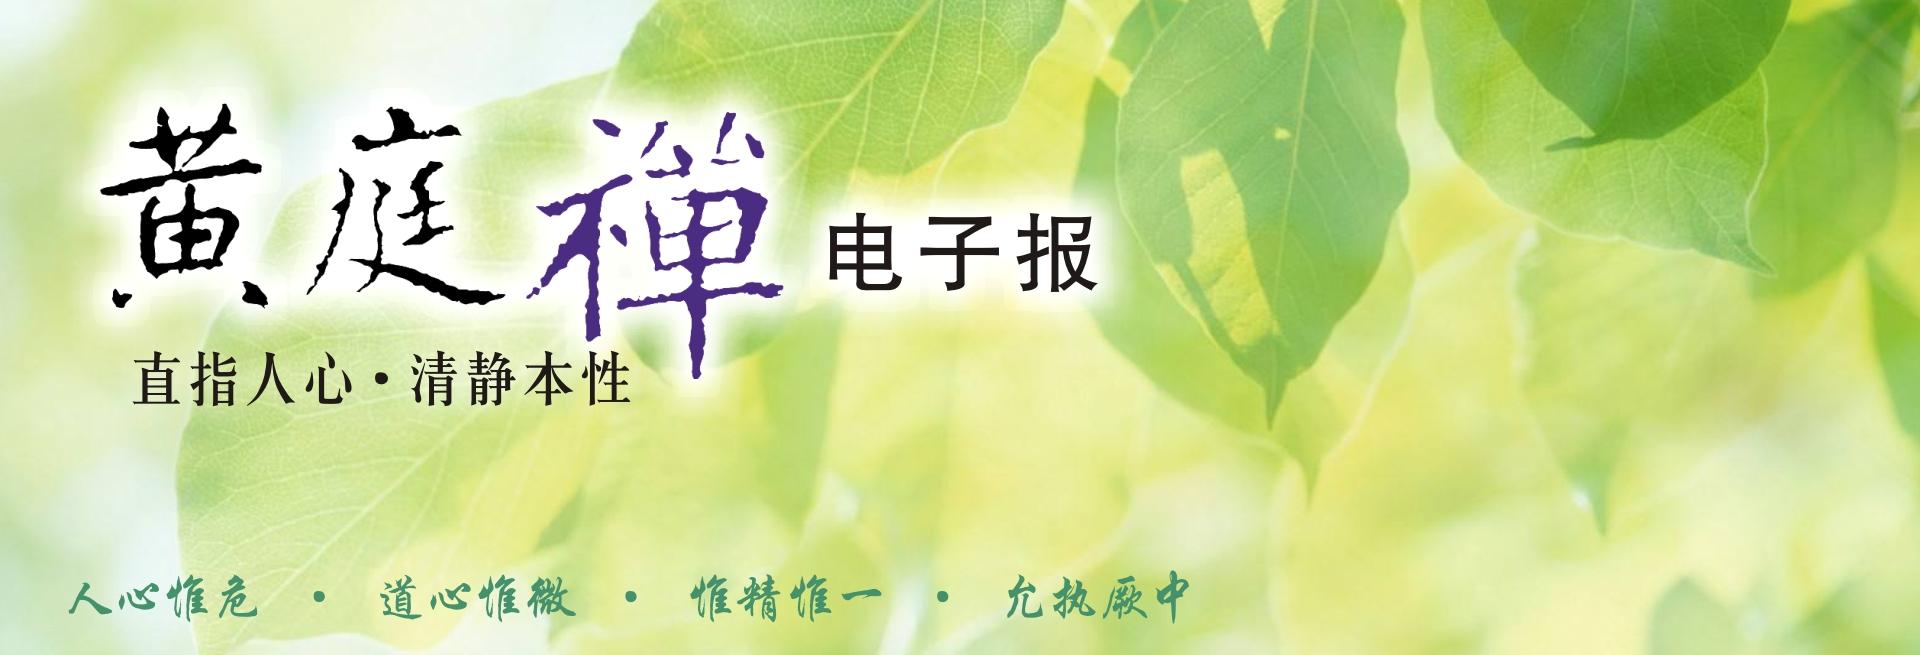 中華黃庭禪學會2019.05.01電子報